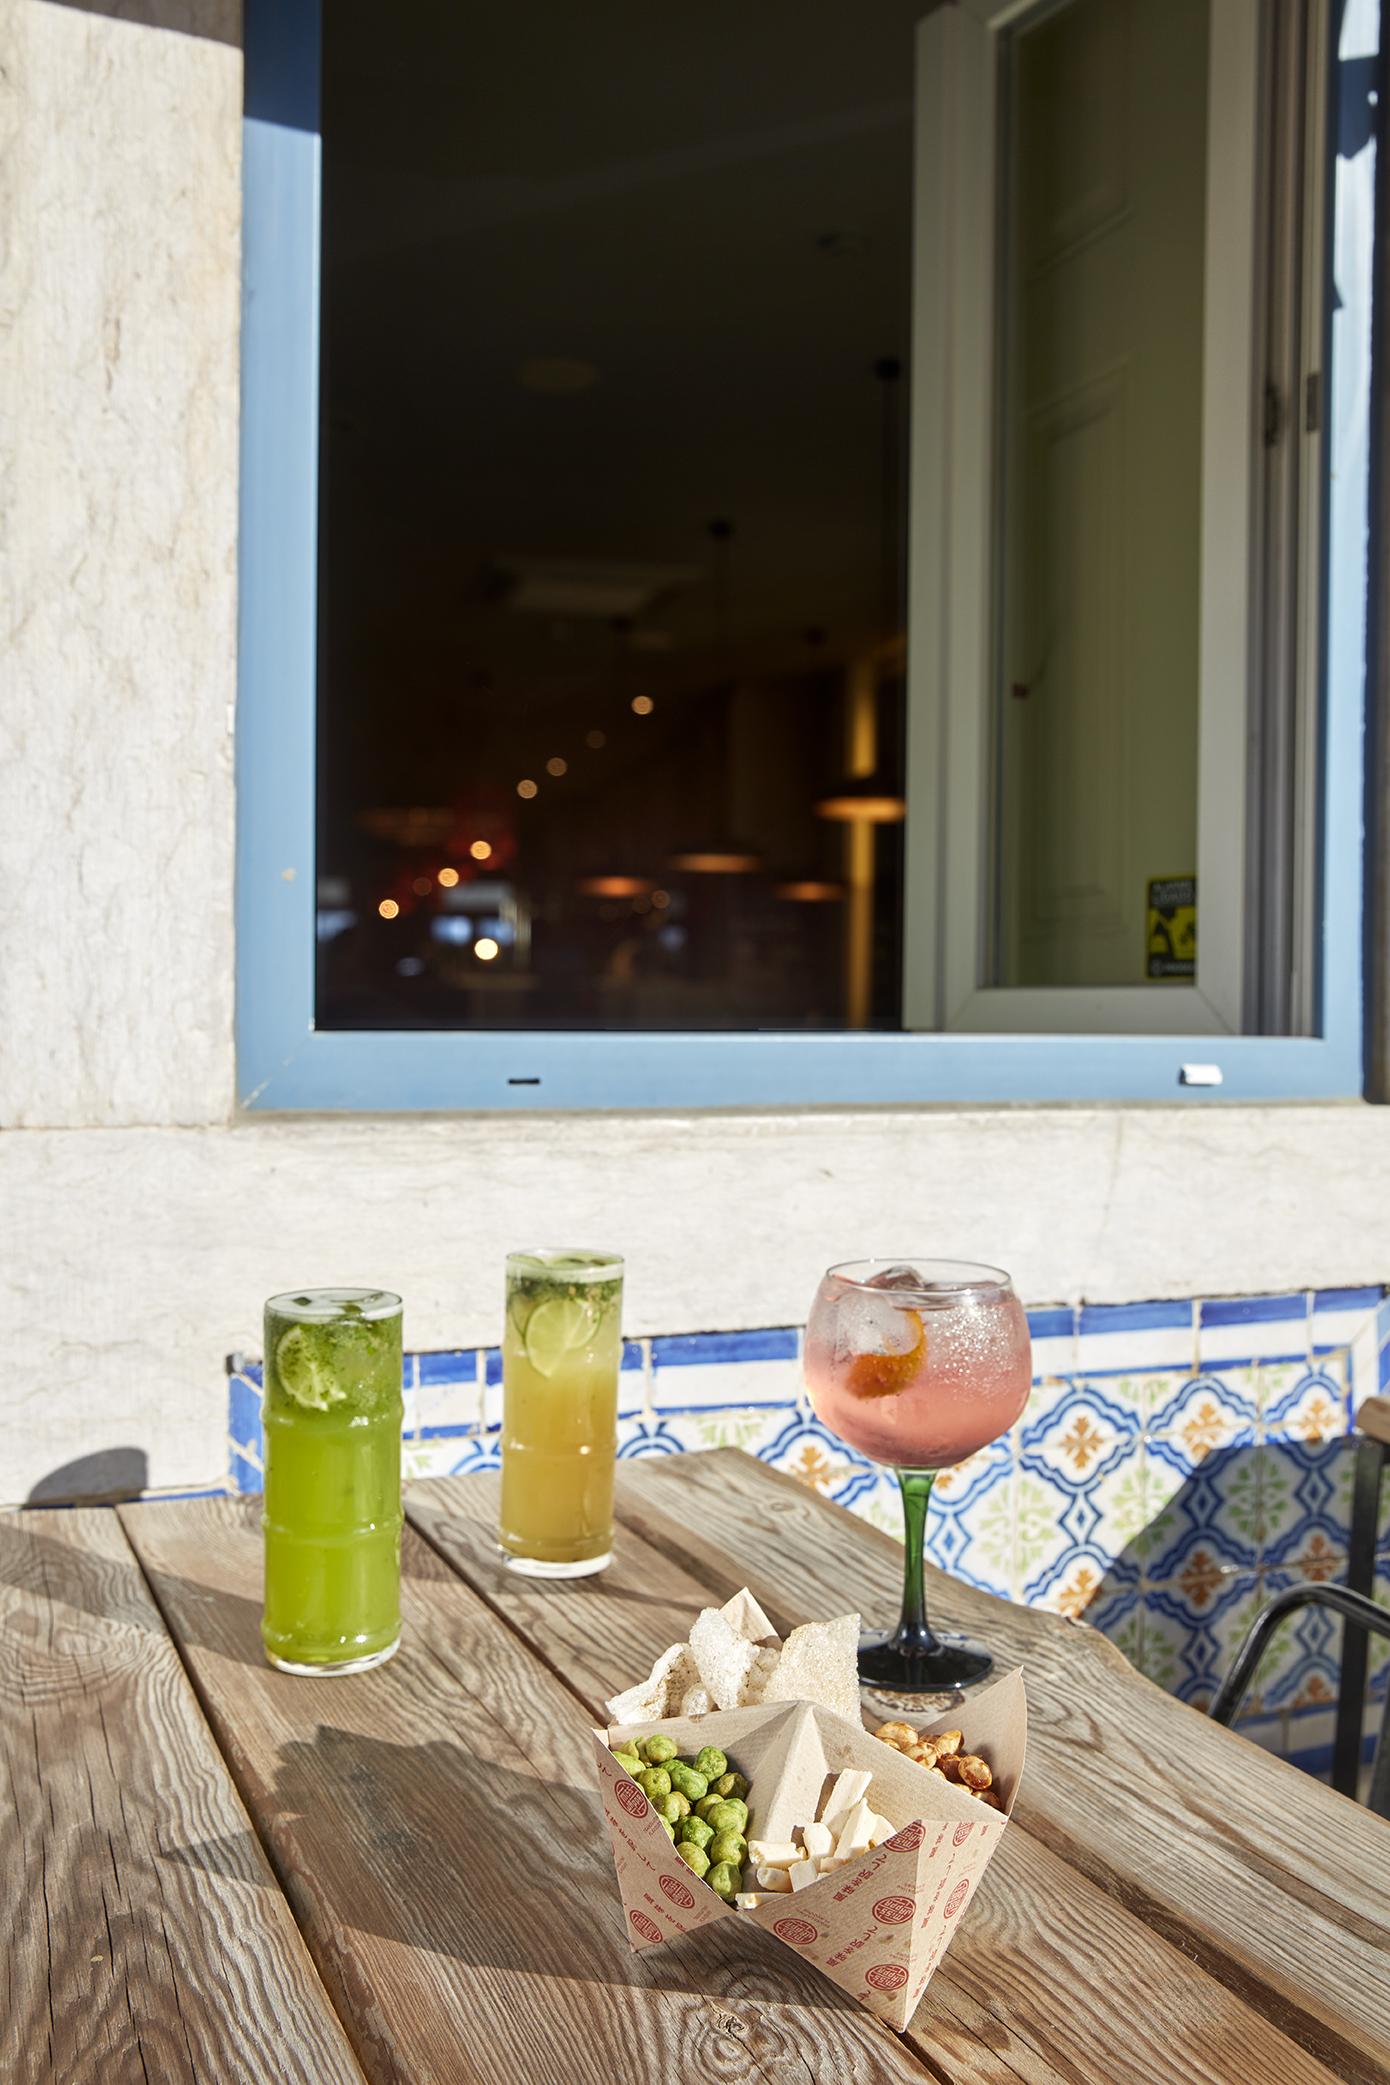 Miss Jappa_Sparkling Lemonade_Shisô Baby_Martini Rosato_Quantos queres (2)